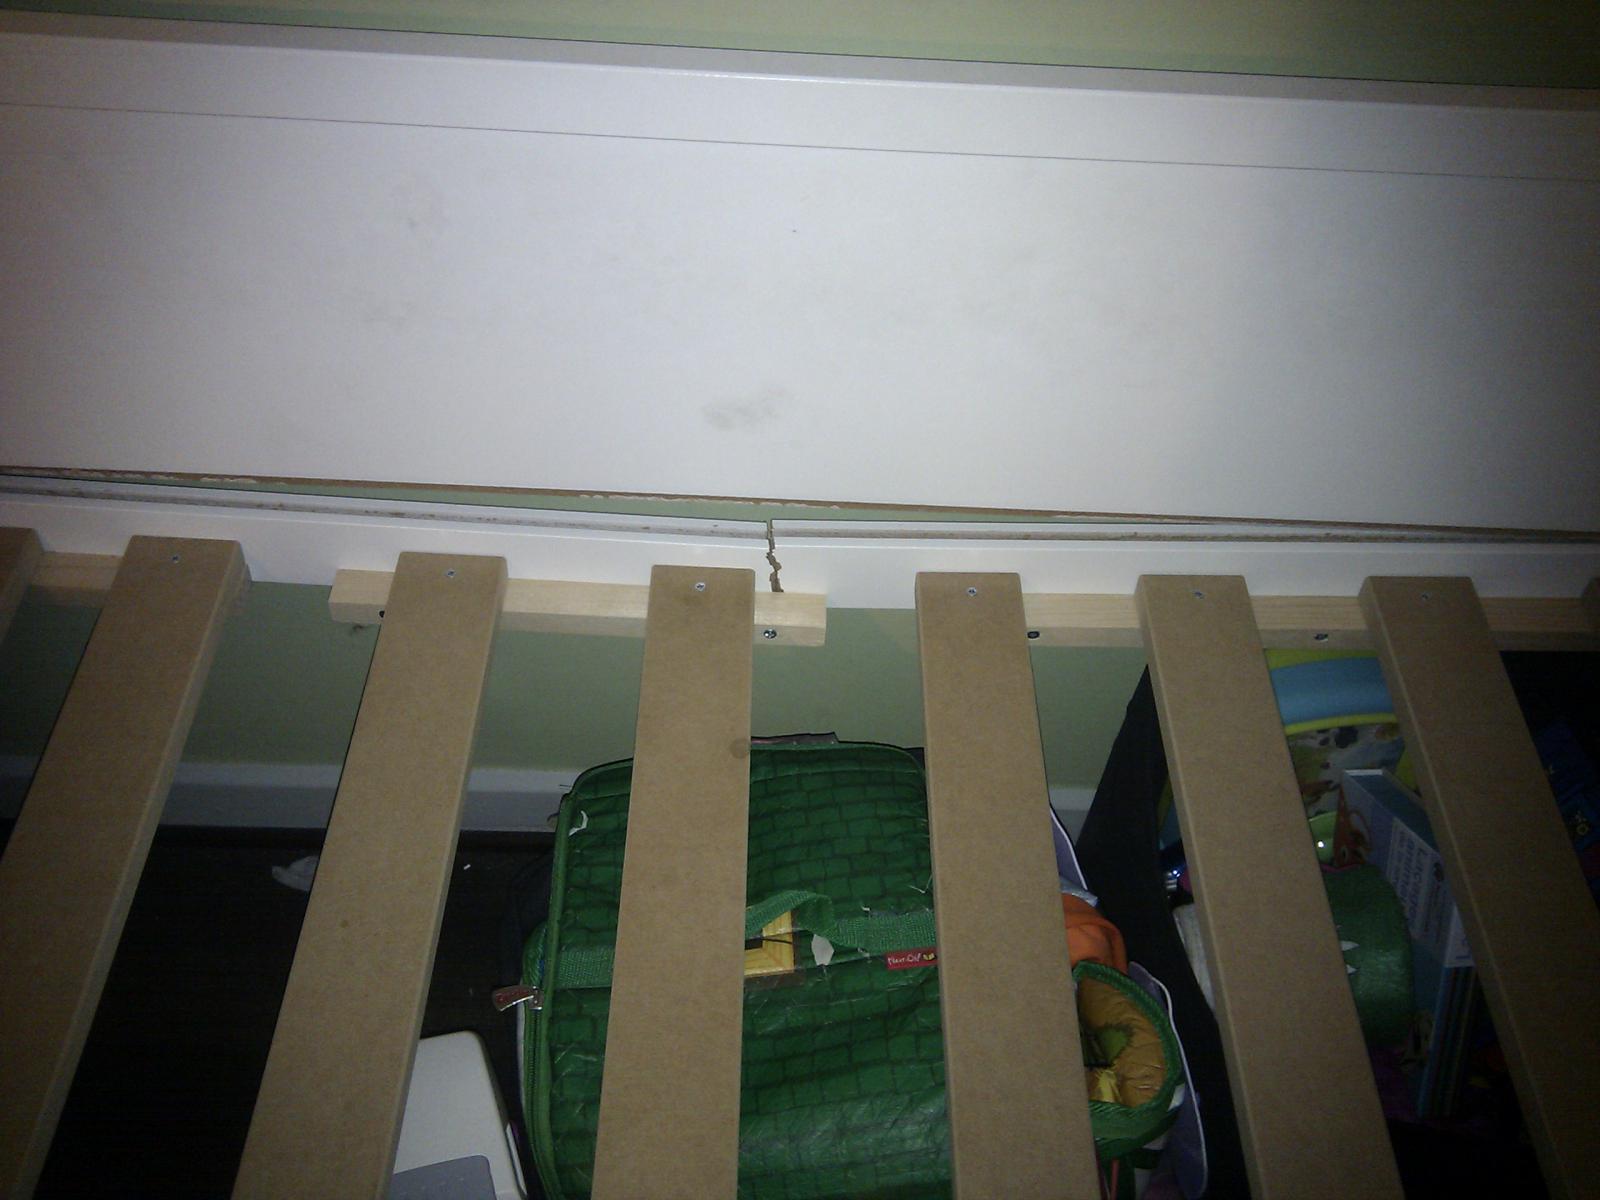 lit fly tootsie montant bris quelles r parations. Black Bedroom Furniture Sets. Home Design Ideas